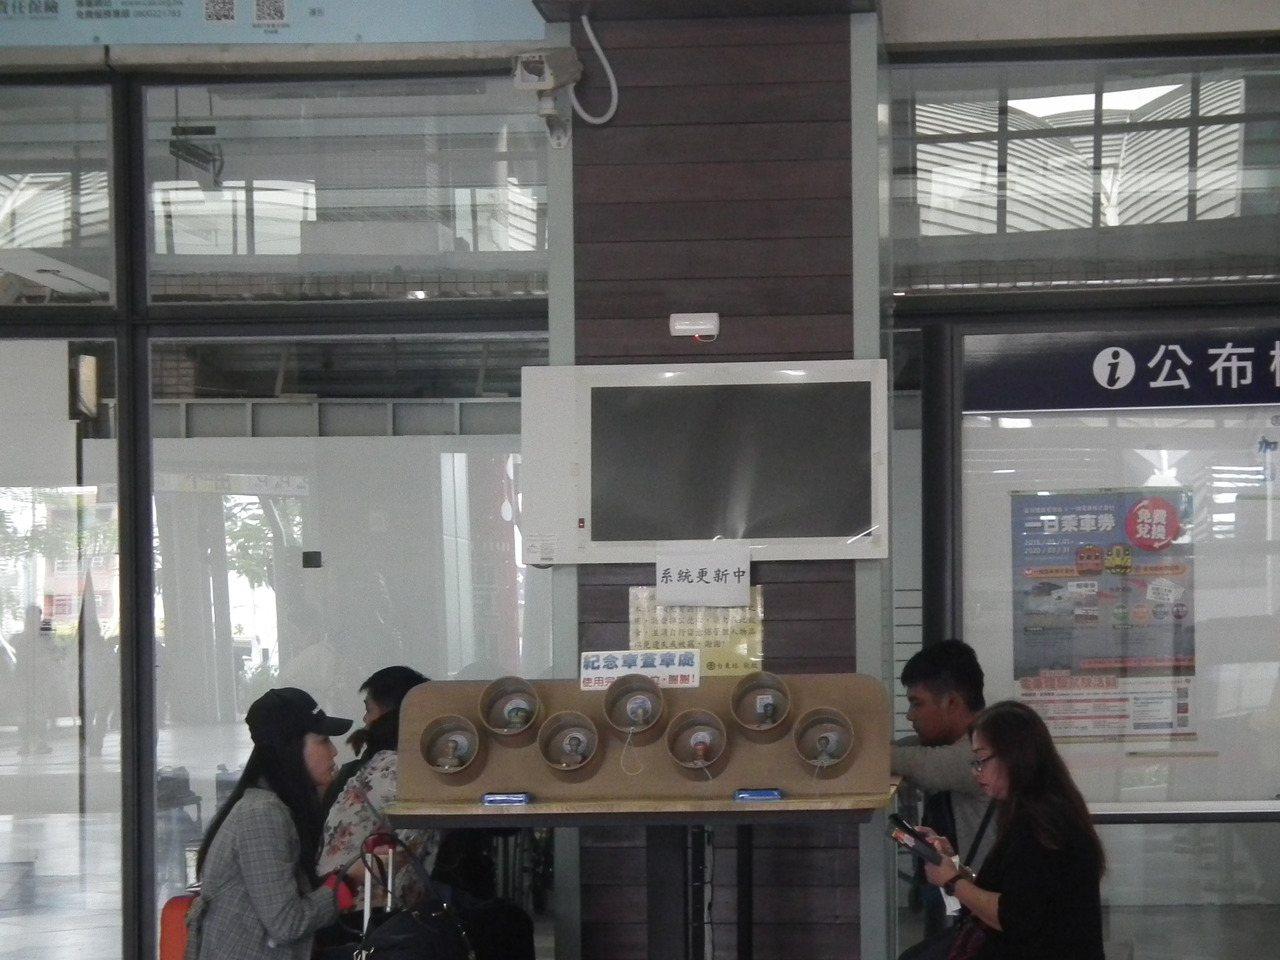 不少旅客等到手机没电,到充电区充饱手机等火车。图/读者提供